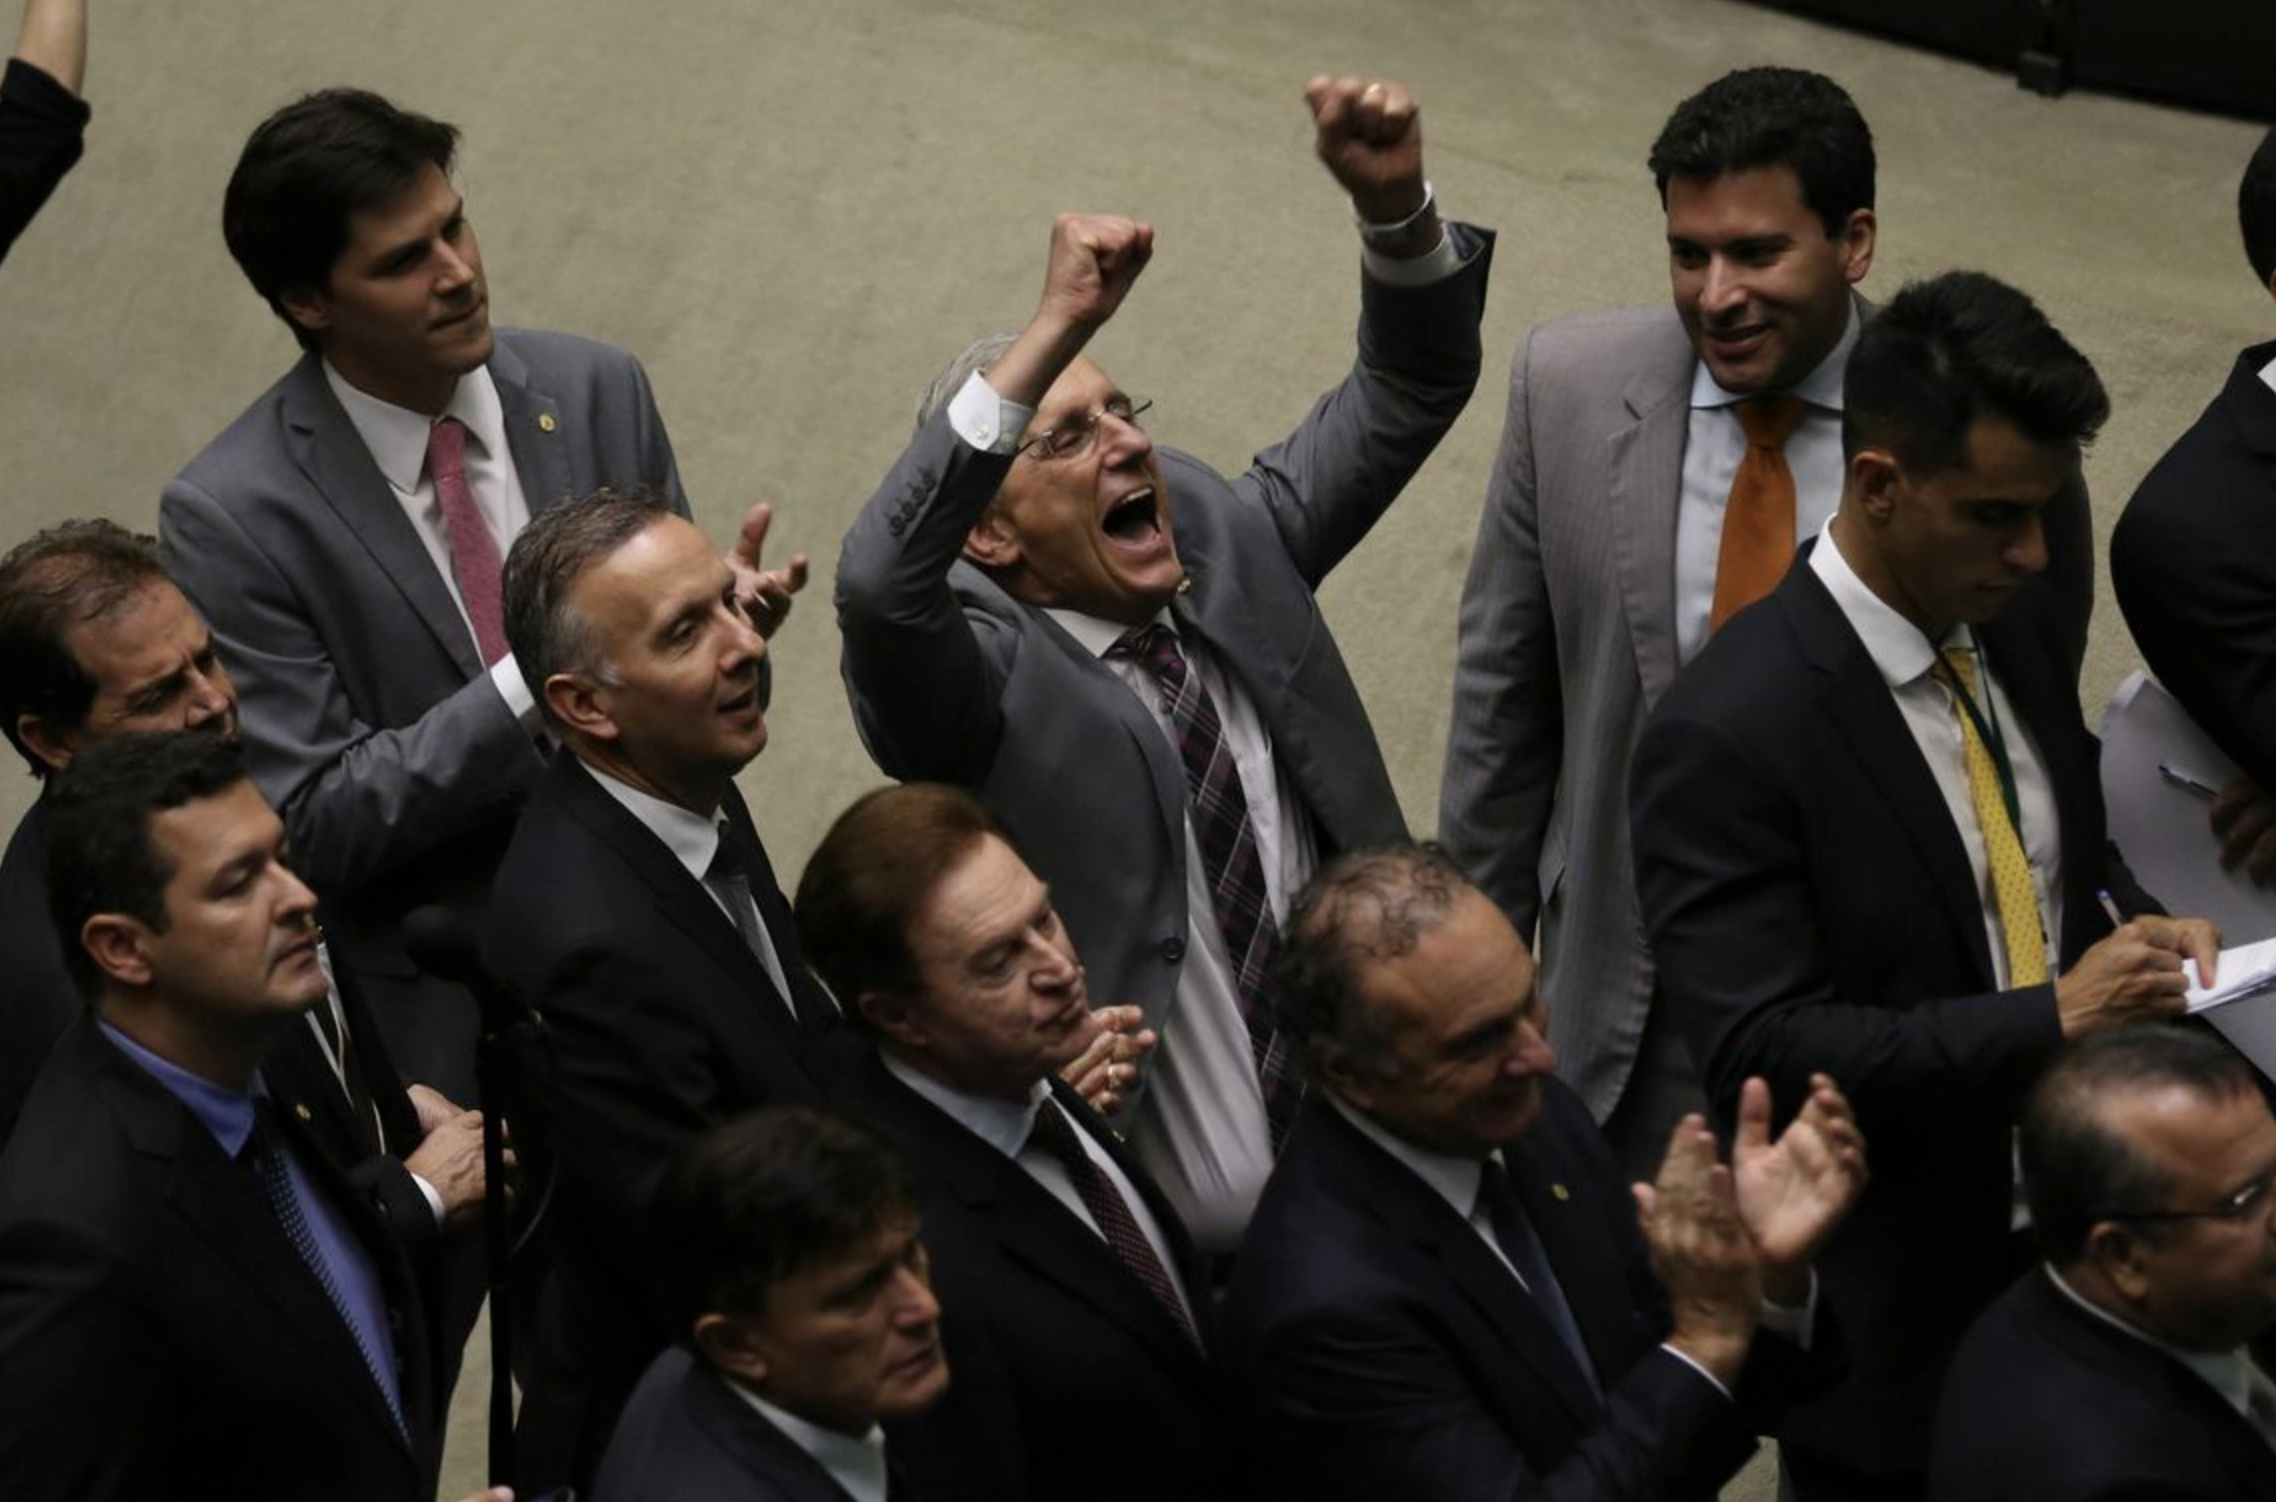 """Desembargador faz balanço de 9 meses da """"reforma"""" trabalhista: """"Conduz ao caos social, para satisfação do capital estrangeiro"""""""